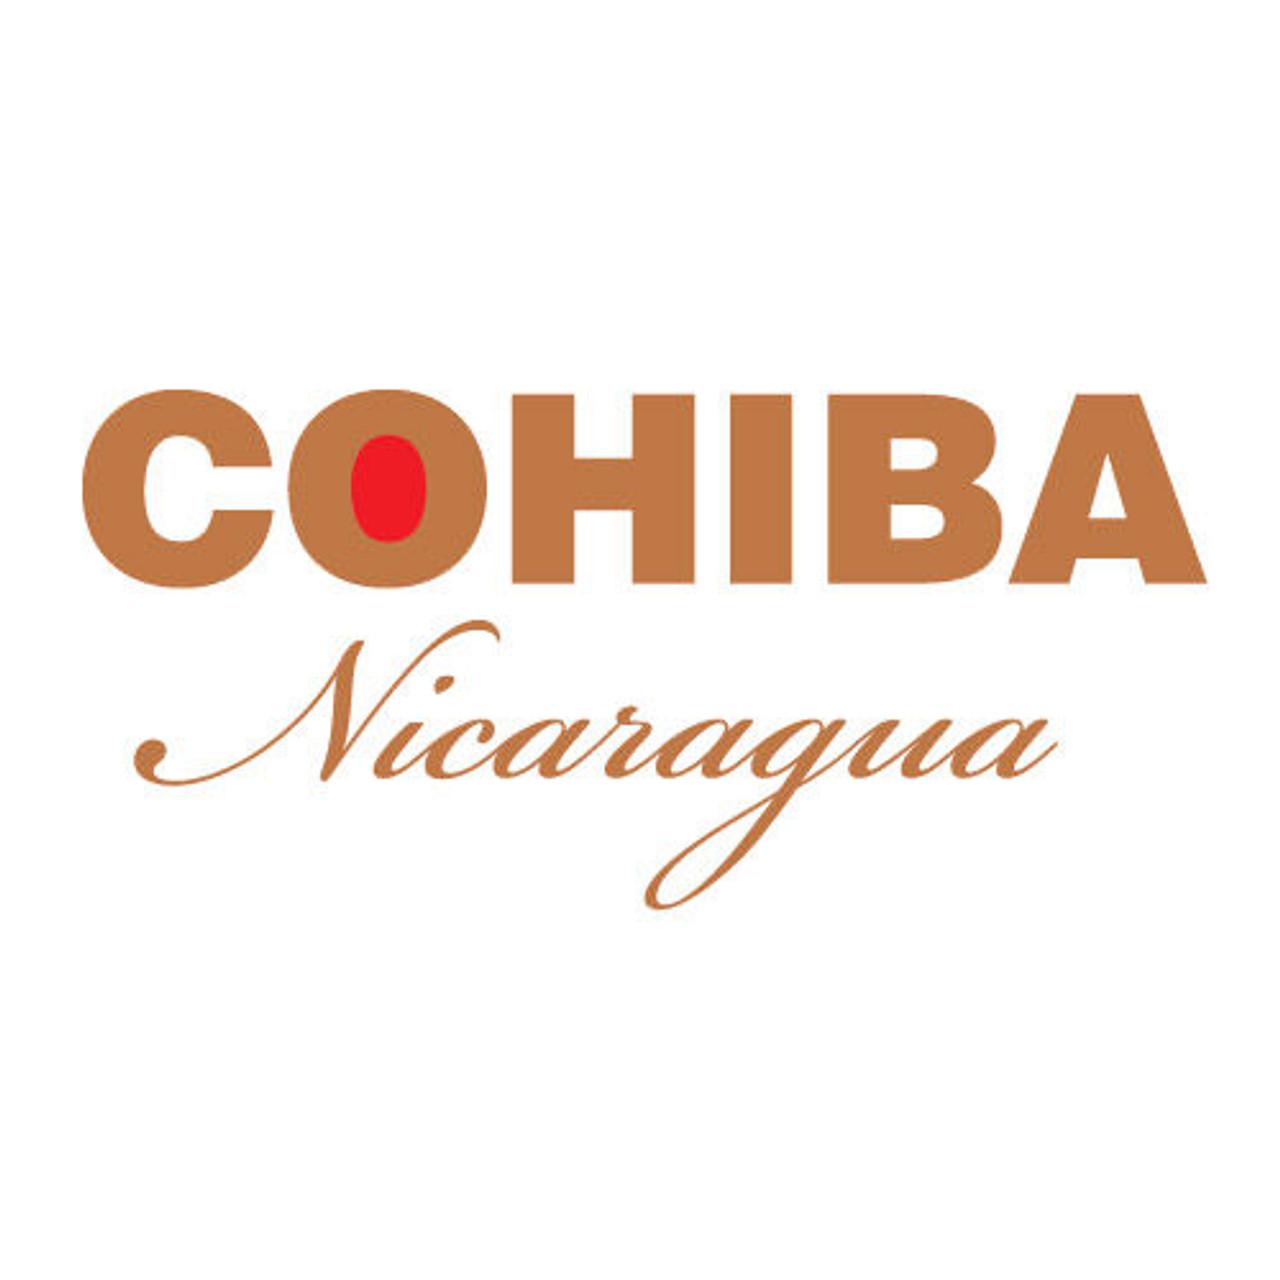 Cohiba Nicaragua N50 Cigars - 5.0 x 50 (Pack of 5)